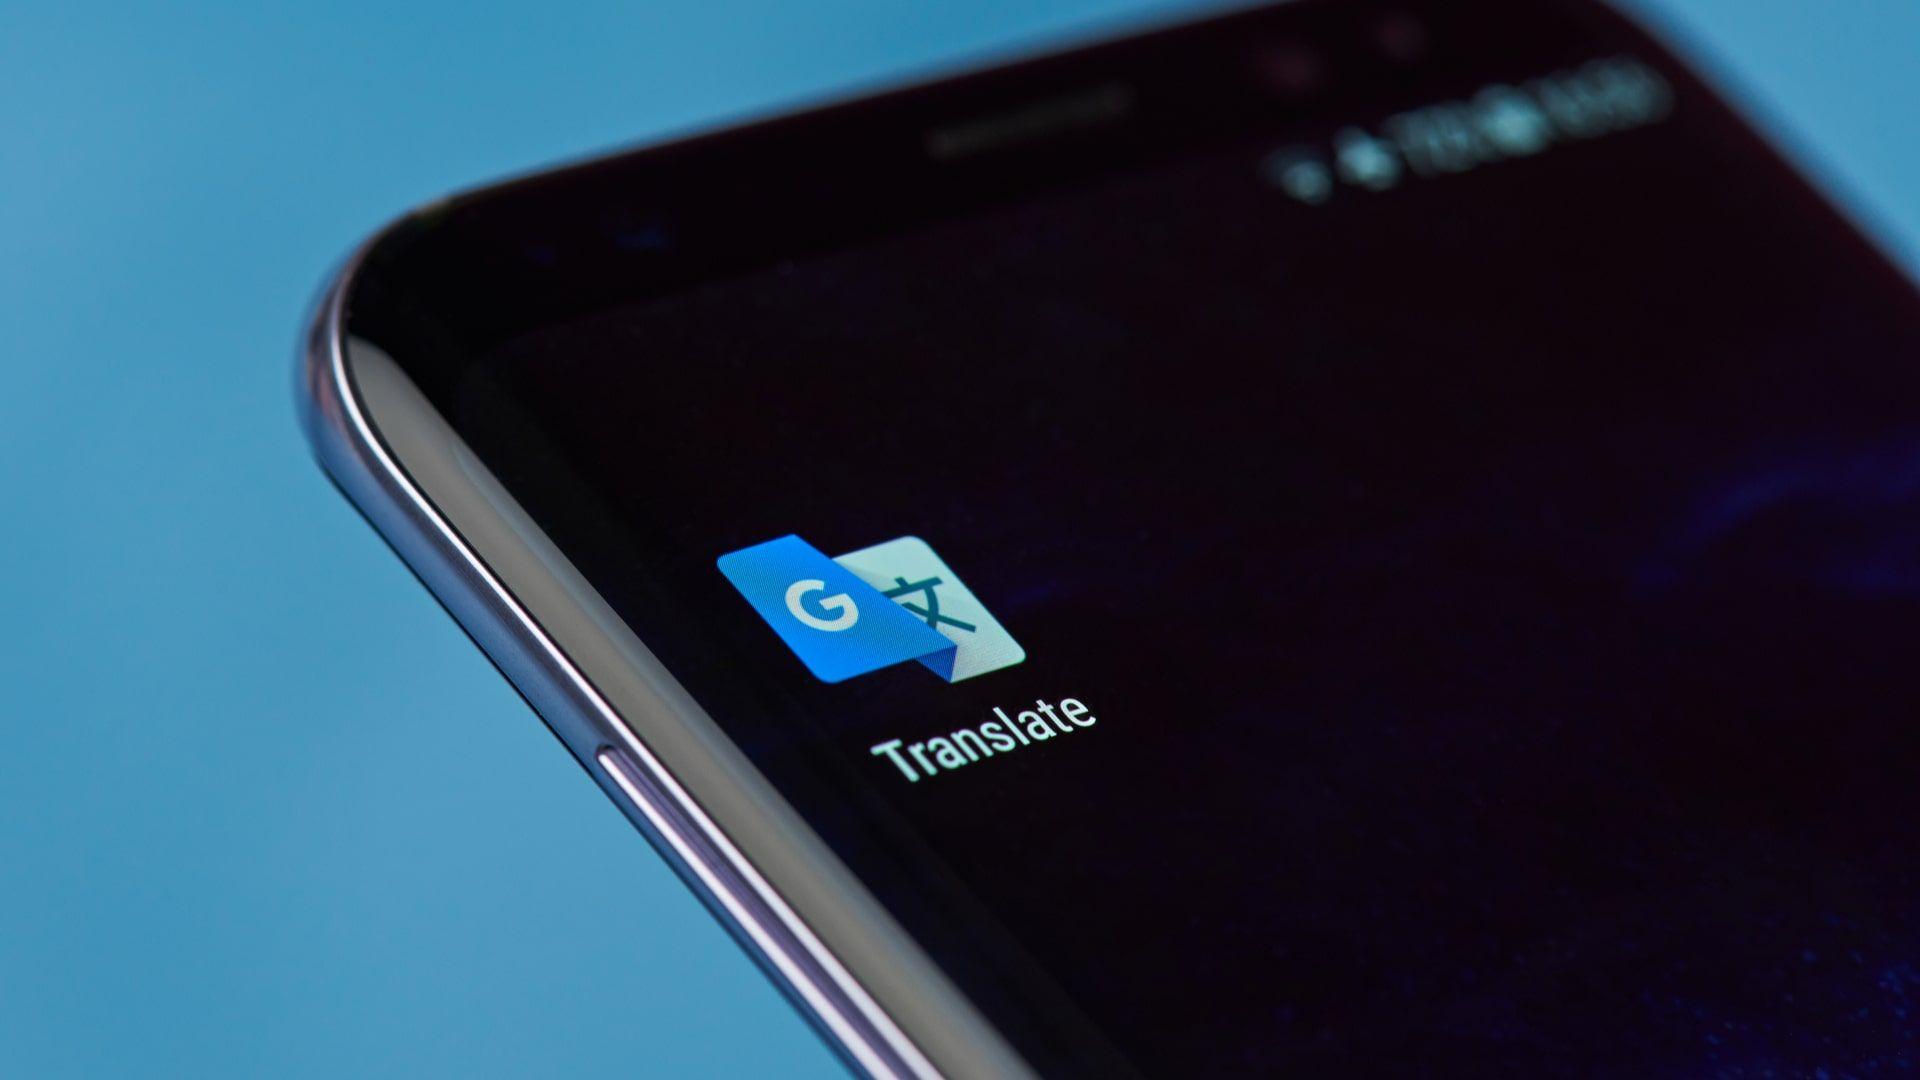 Google Tradutor oferece diversas formas de tradução, incluindo texto, foto e voz (Foto: Shutterstock)